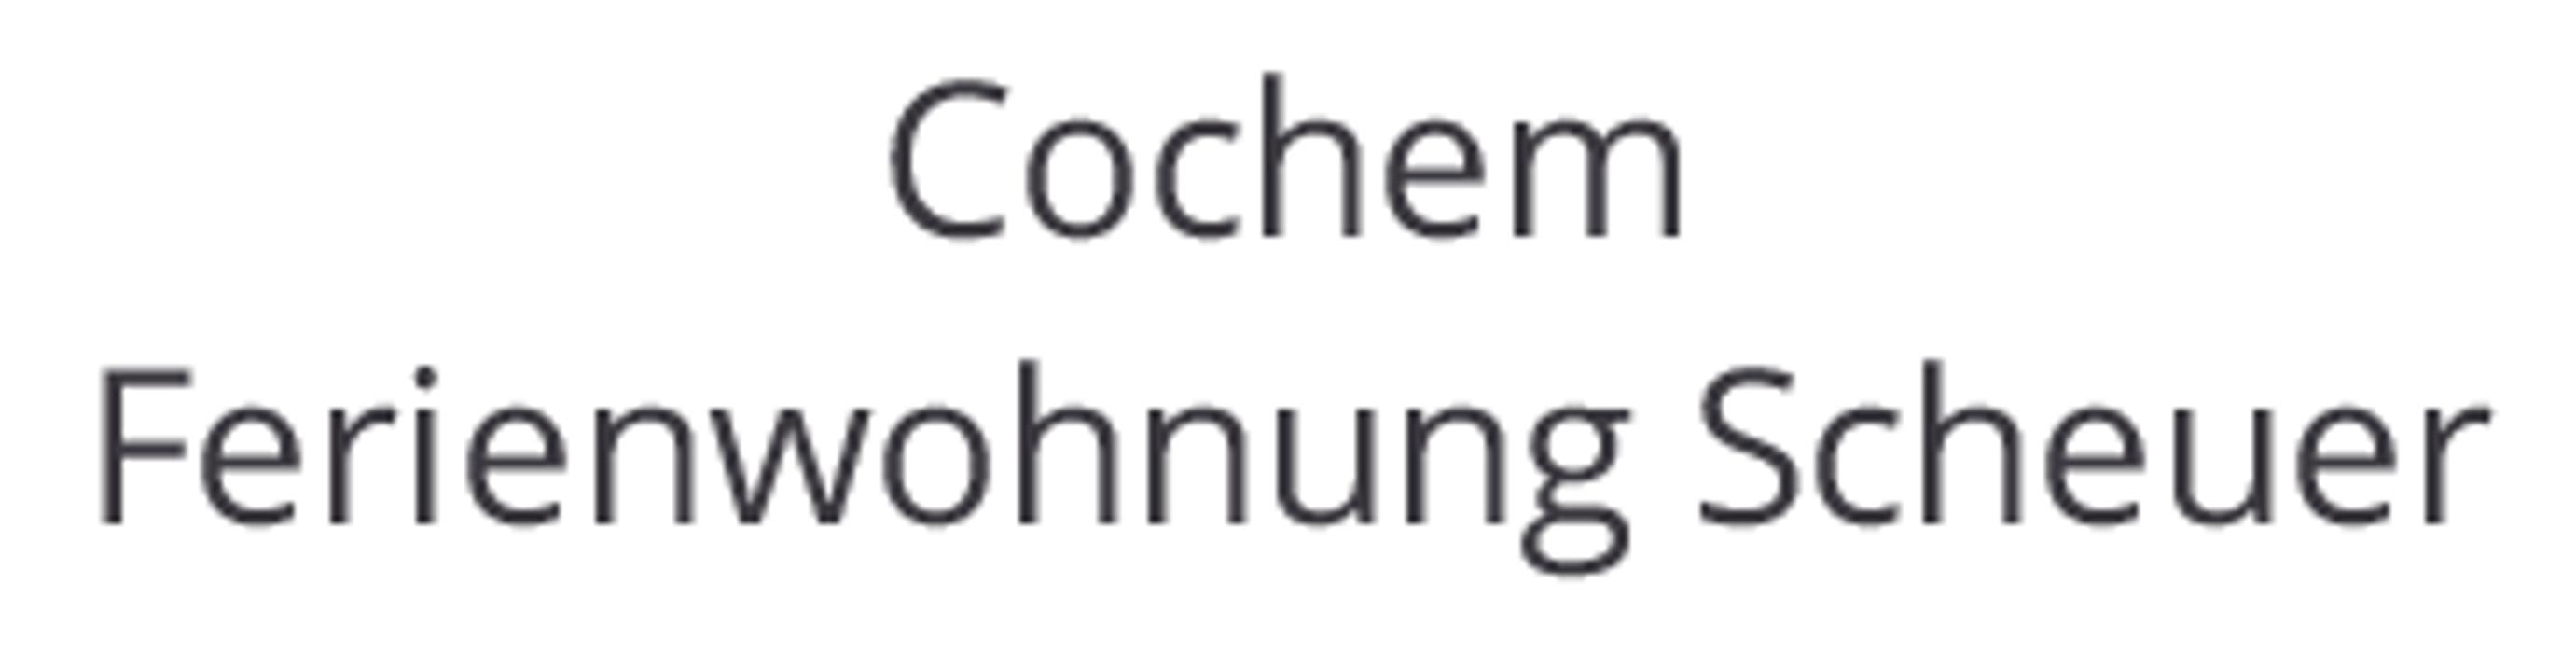 Bild zu Cochem Ferienwohnung Scheuer in Cochem